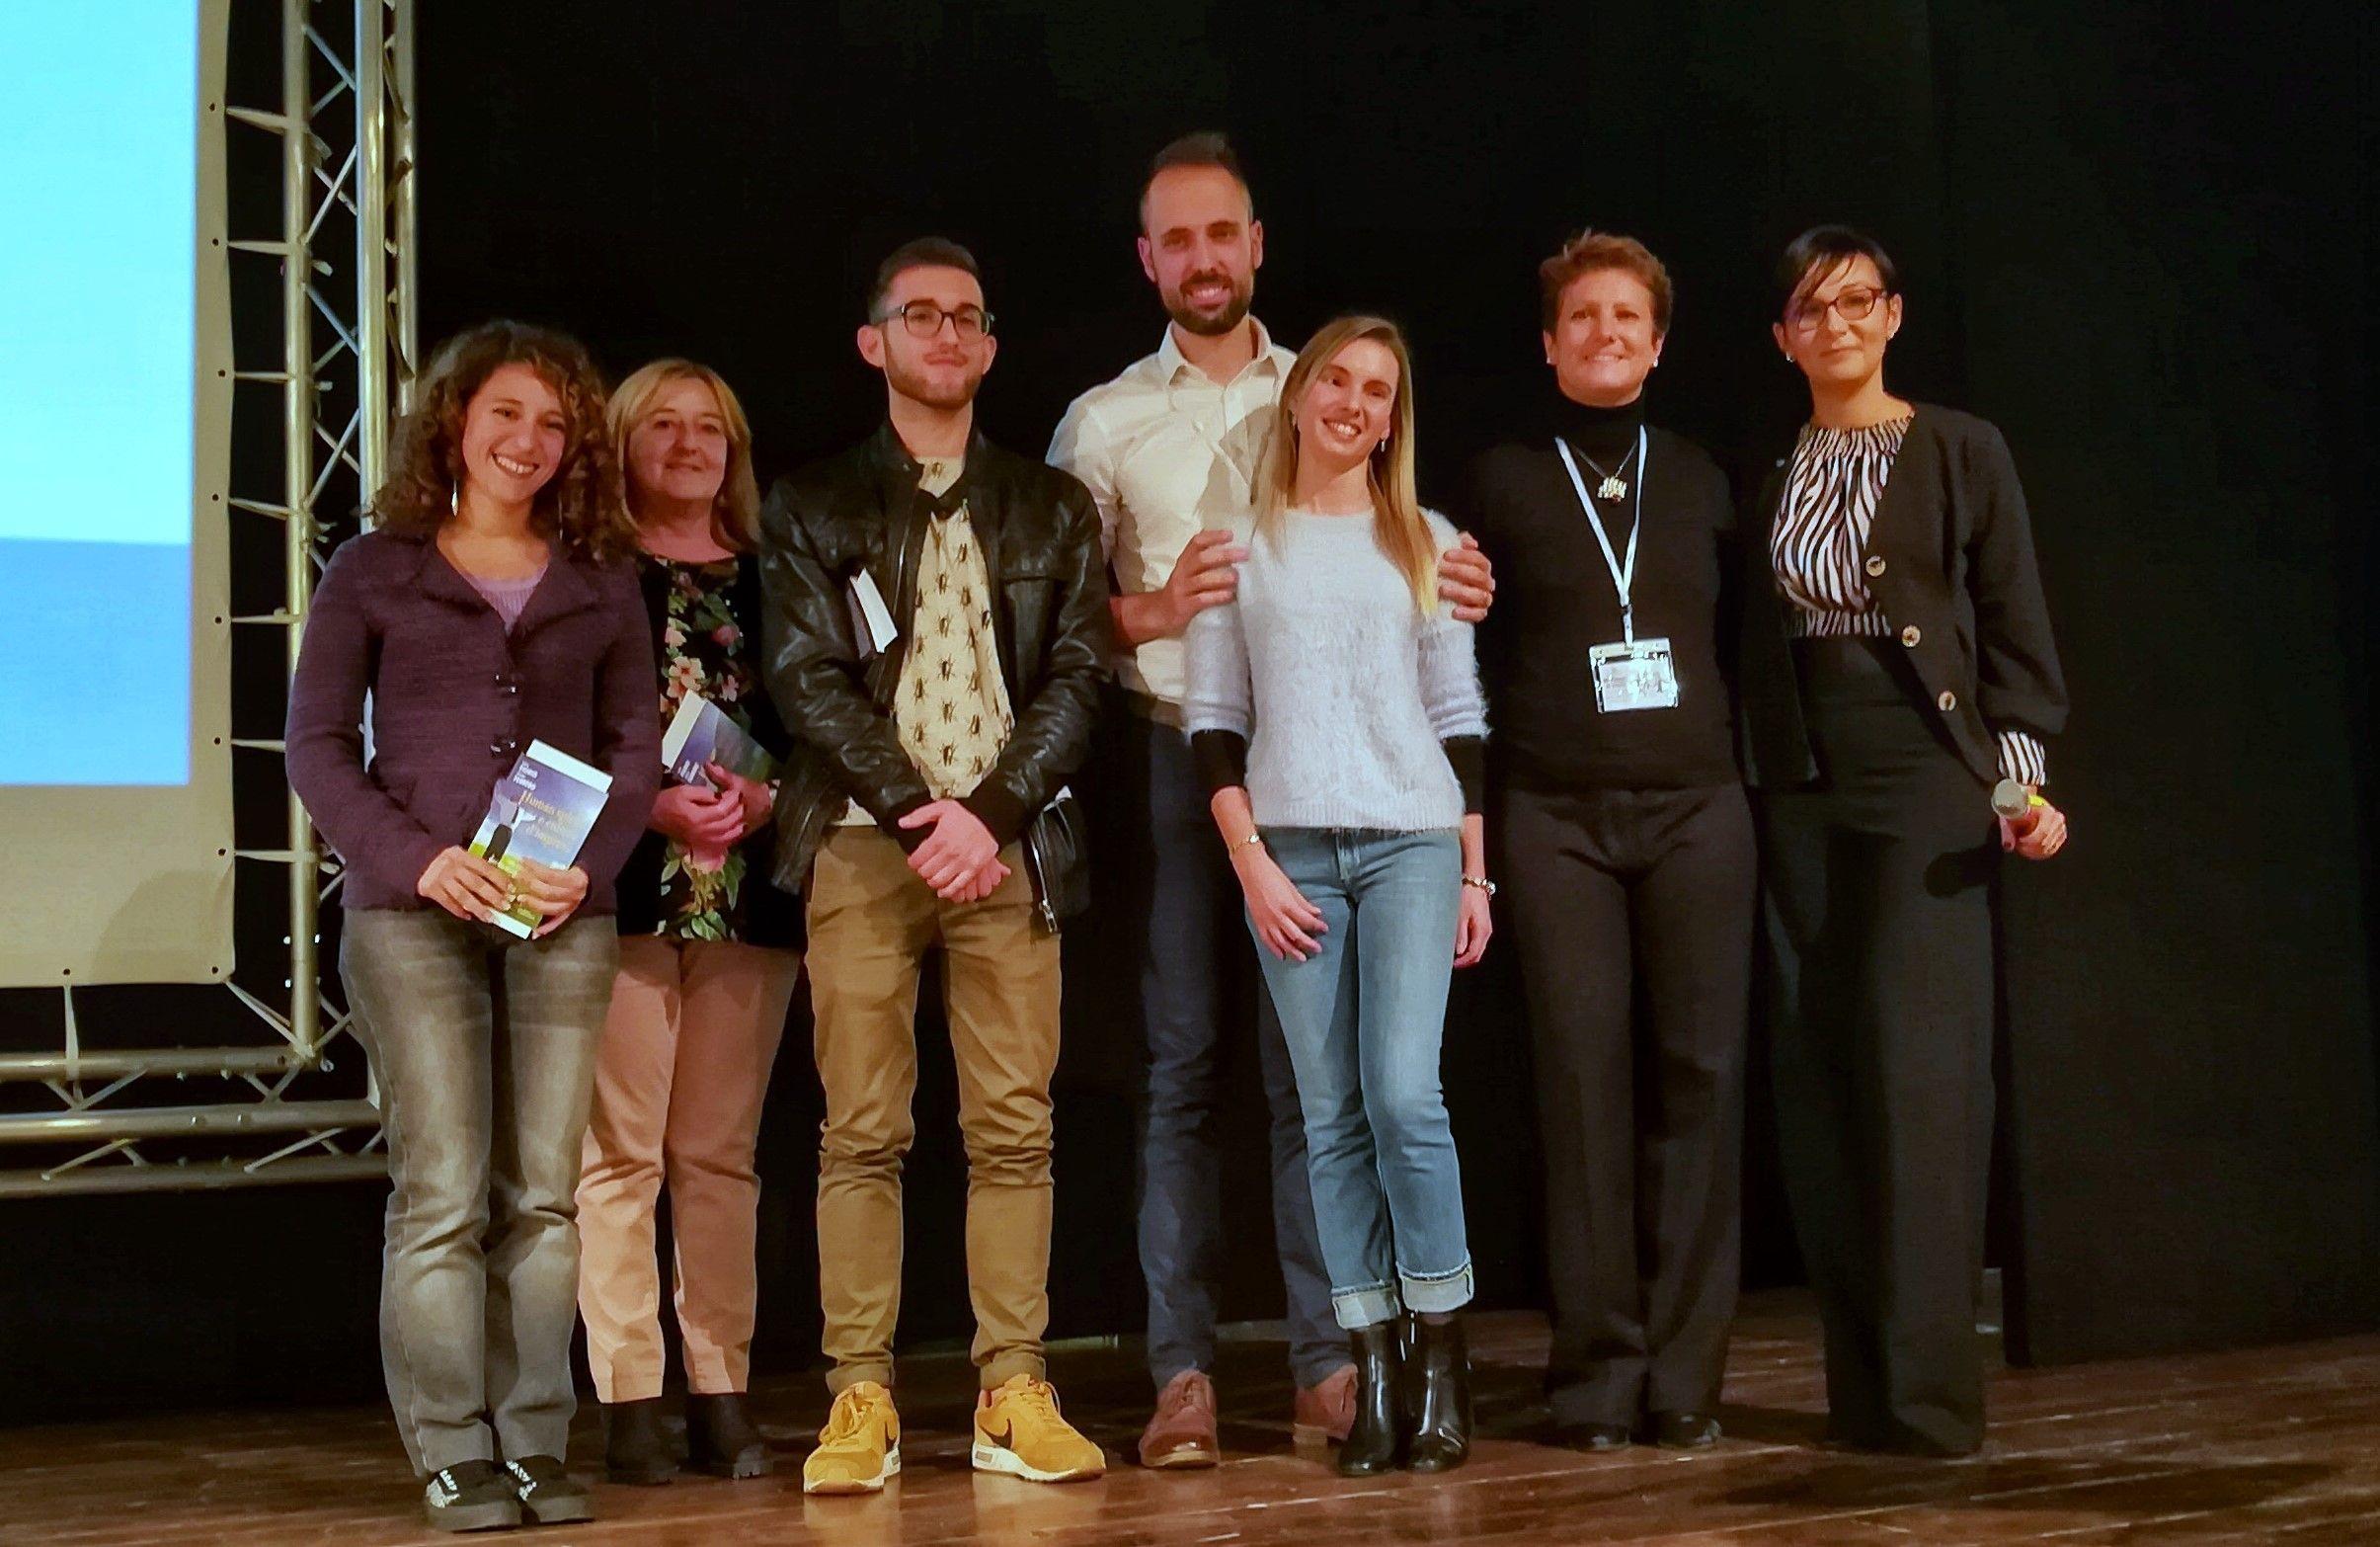 IVREA - Gli imprenditori hanno premiato gli studenti meritevoli